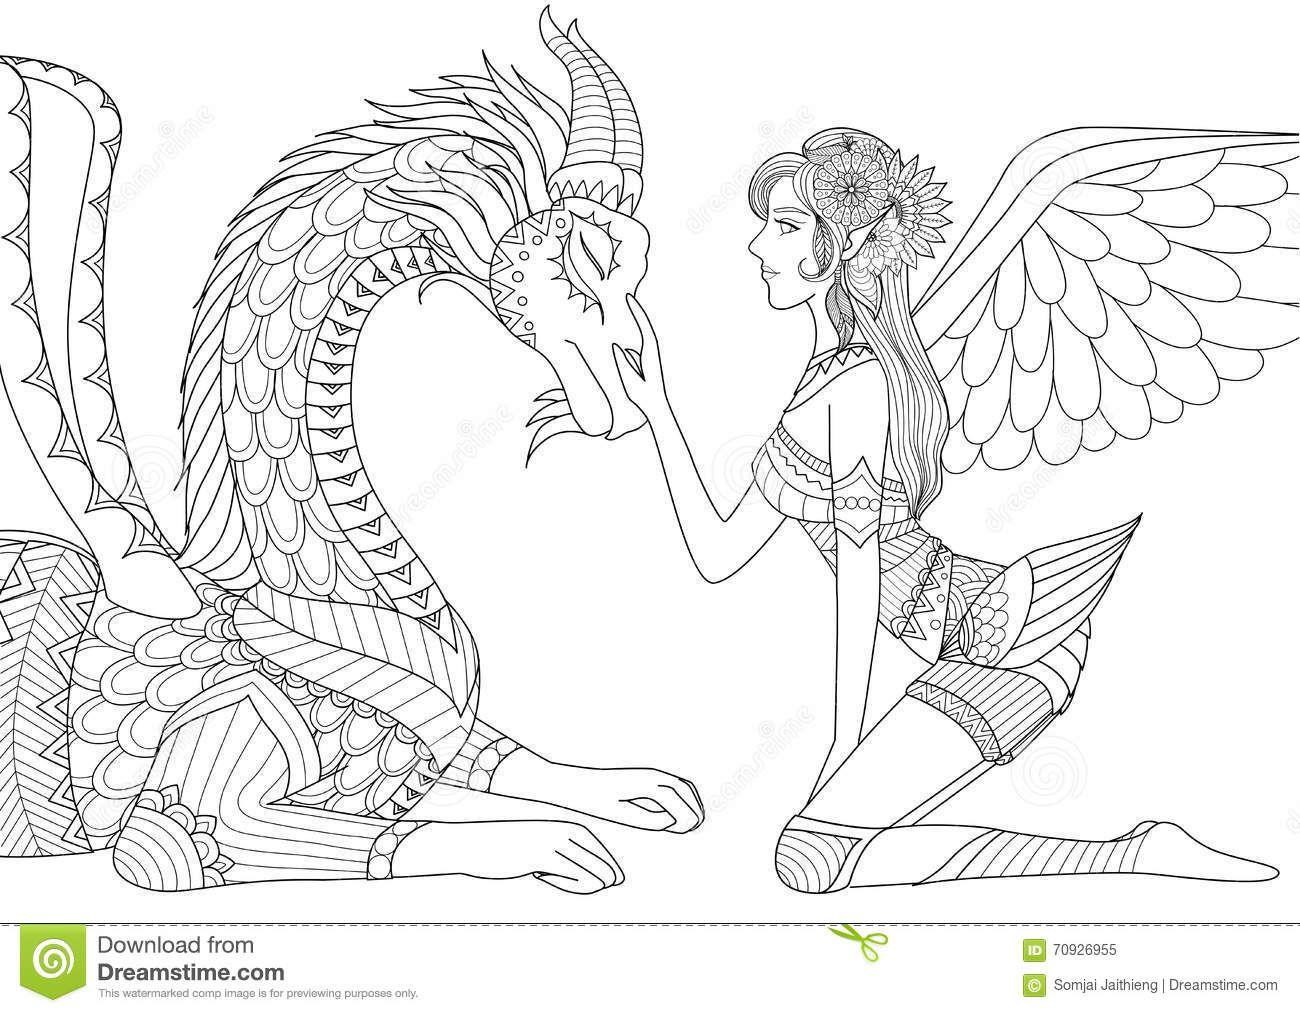 Pin De Barbara En Coloring Dino Dragon Dragones Para Colorear Libro De Colores Produccion Artistica